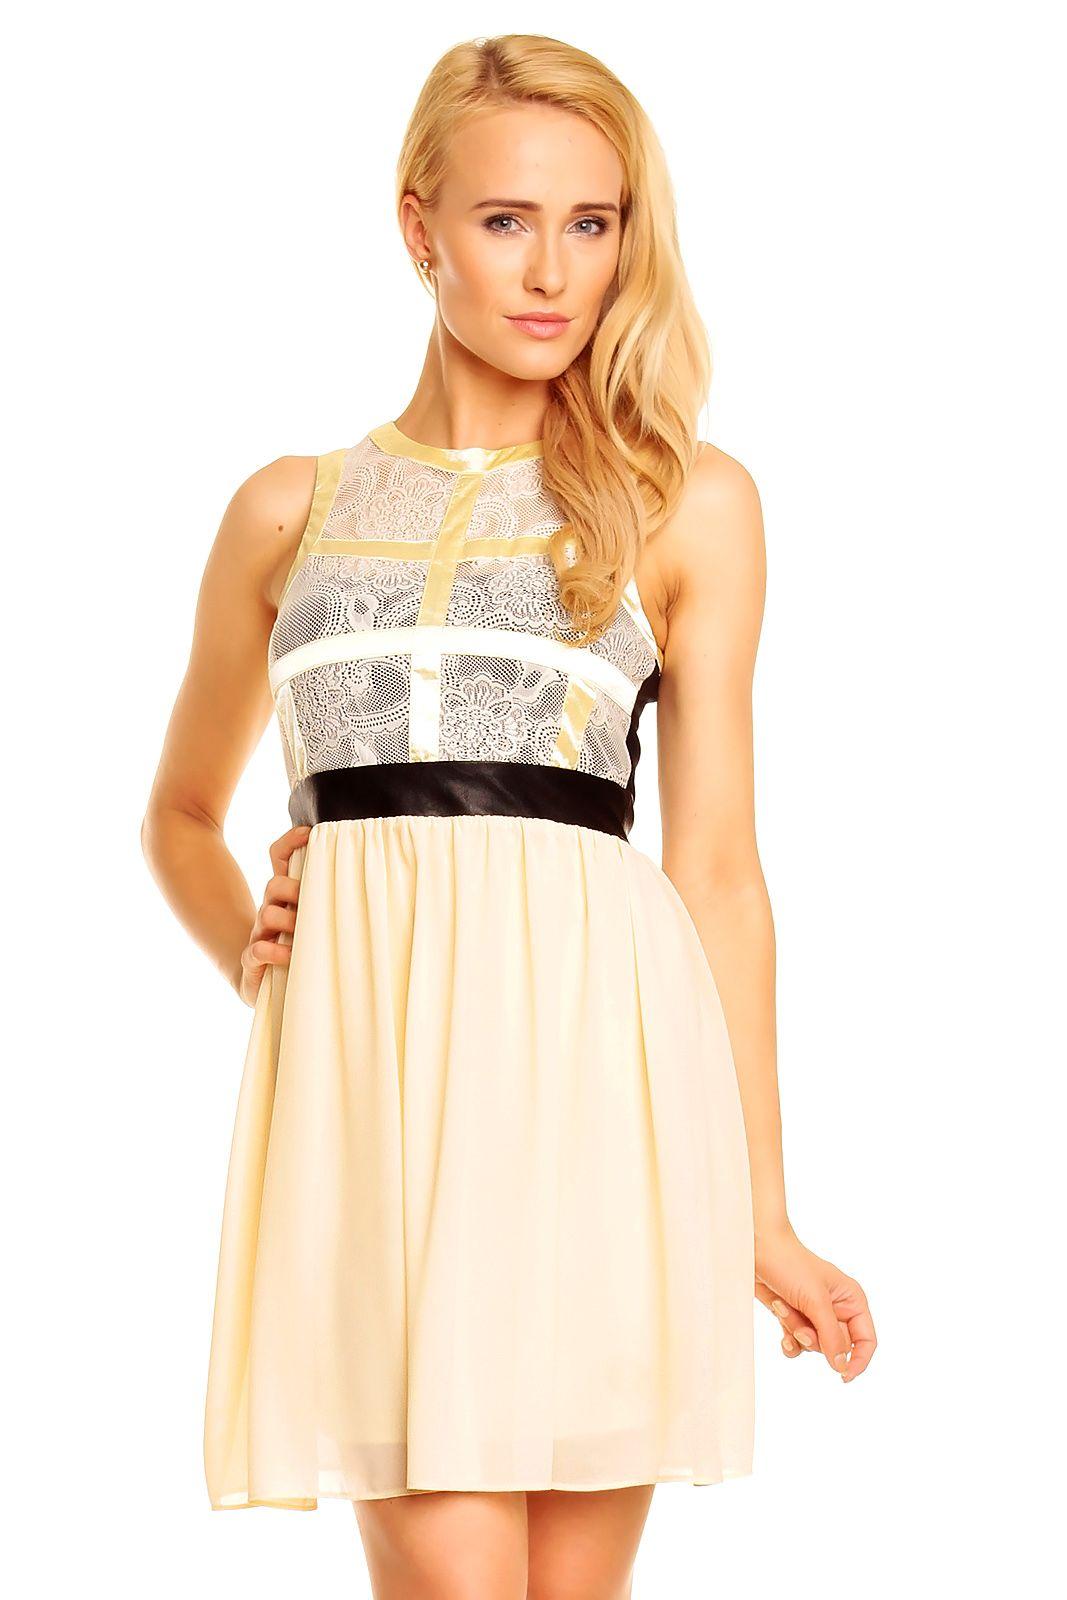 Neu im Kitten-Shop! Tolles Kleid in trendigen Pastell ...